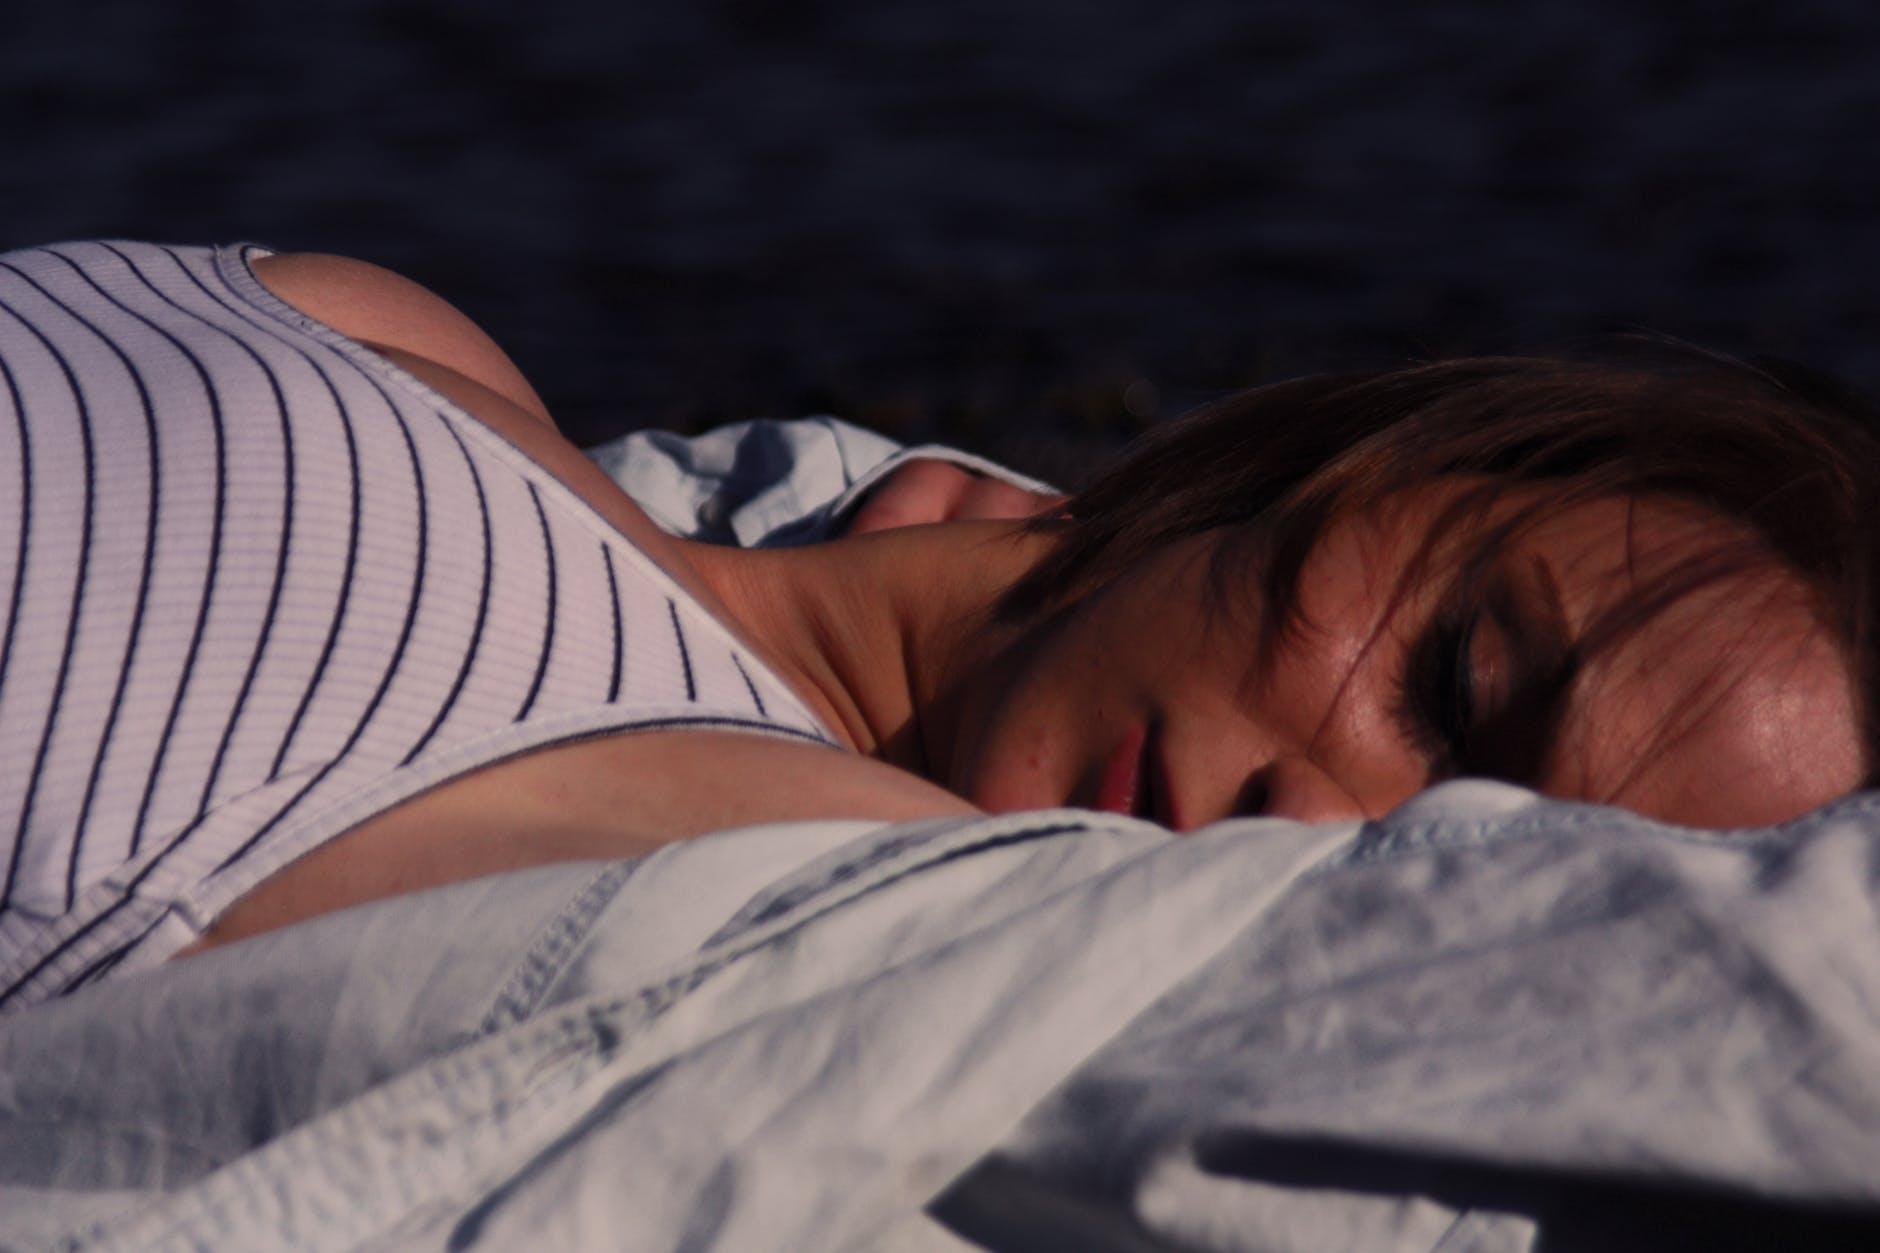 Une femme qui dort. | Photo : Pexels